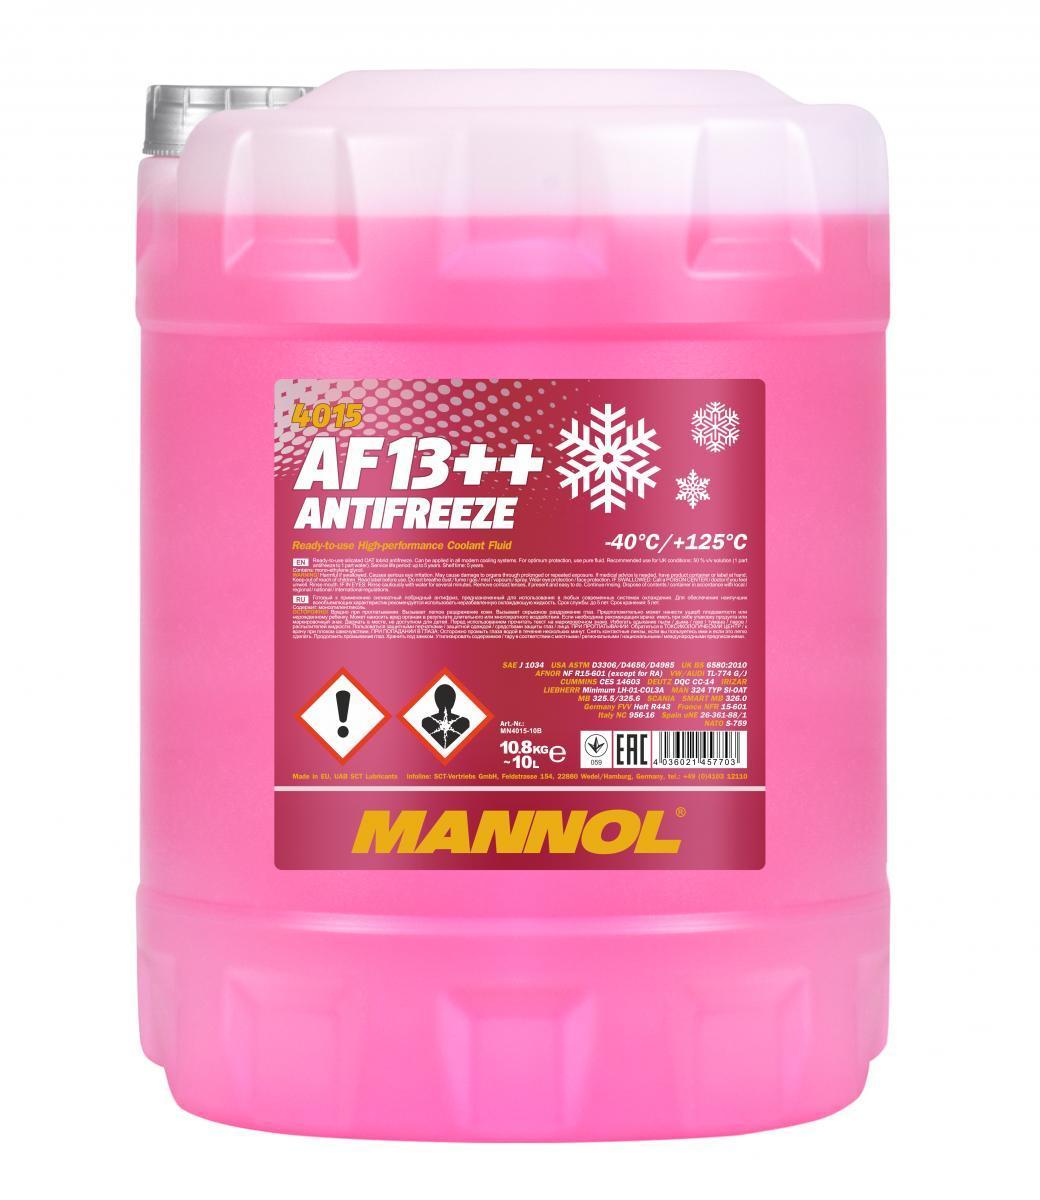 MN4015-10 MANNOL AF13++, High-performance G12 rot, 10l G12, Temperaturbereich von: +125, -40°C Frostschutz MN4015-10 günstig kaufen